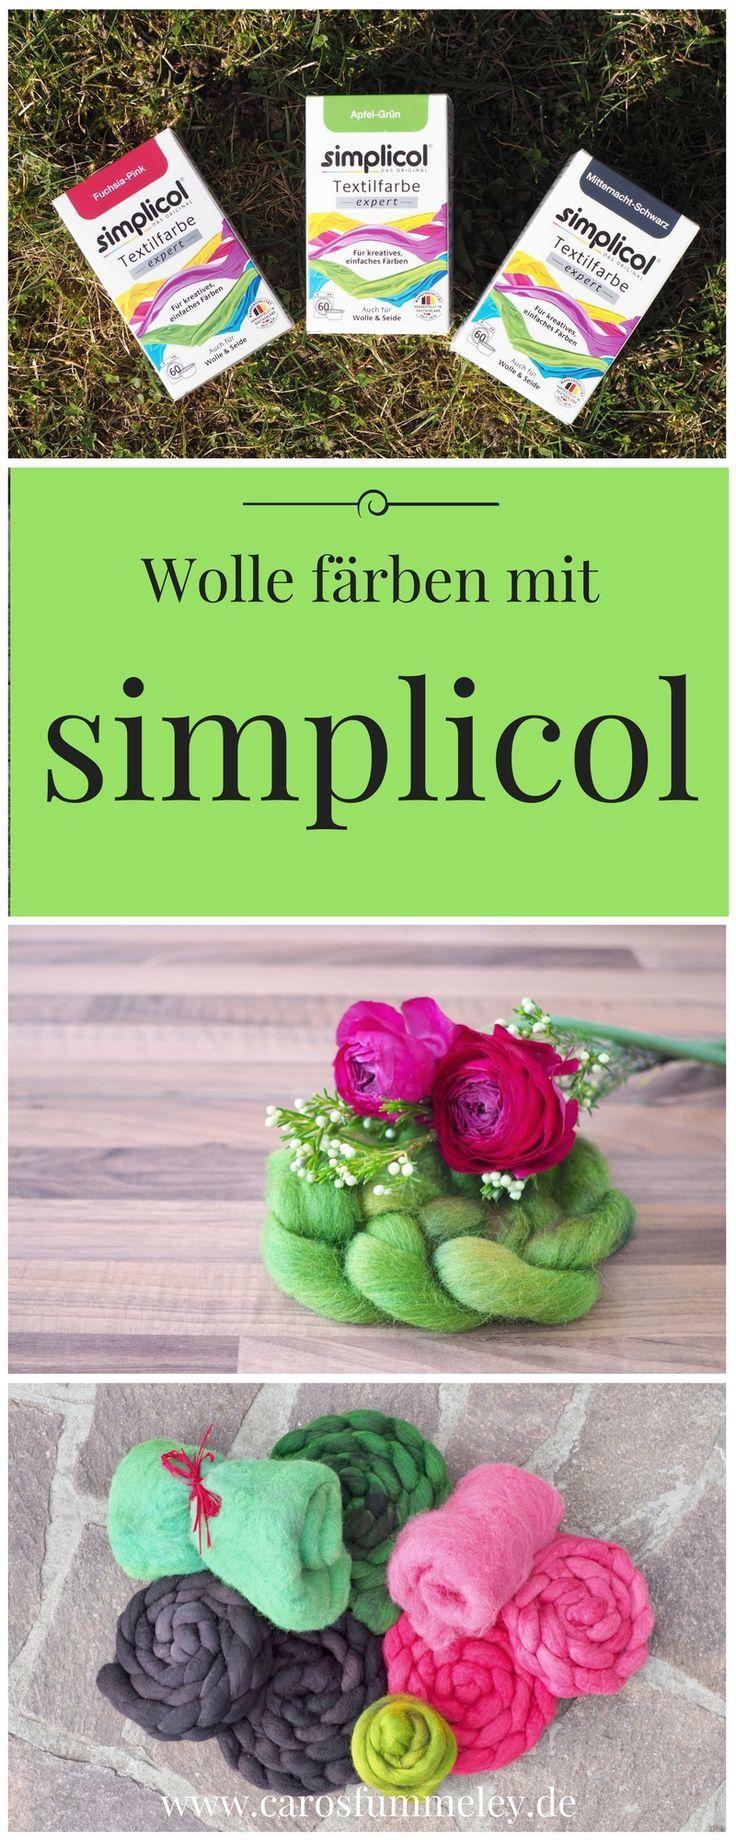 Wolle kann mit verschiedenen Methoden gefärbt werden: Ostereierfarben, Säurefarben, Pflanzen oder mit Textilfarben wie simplicol. Ich zeige, wie es geht.